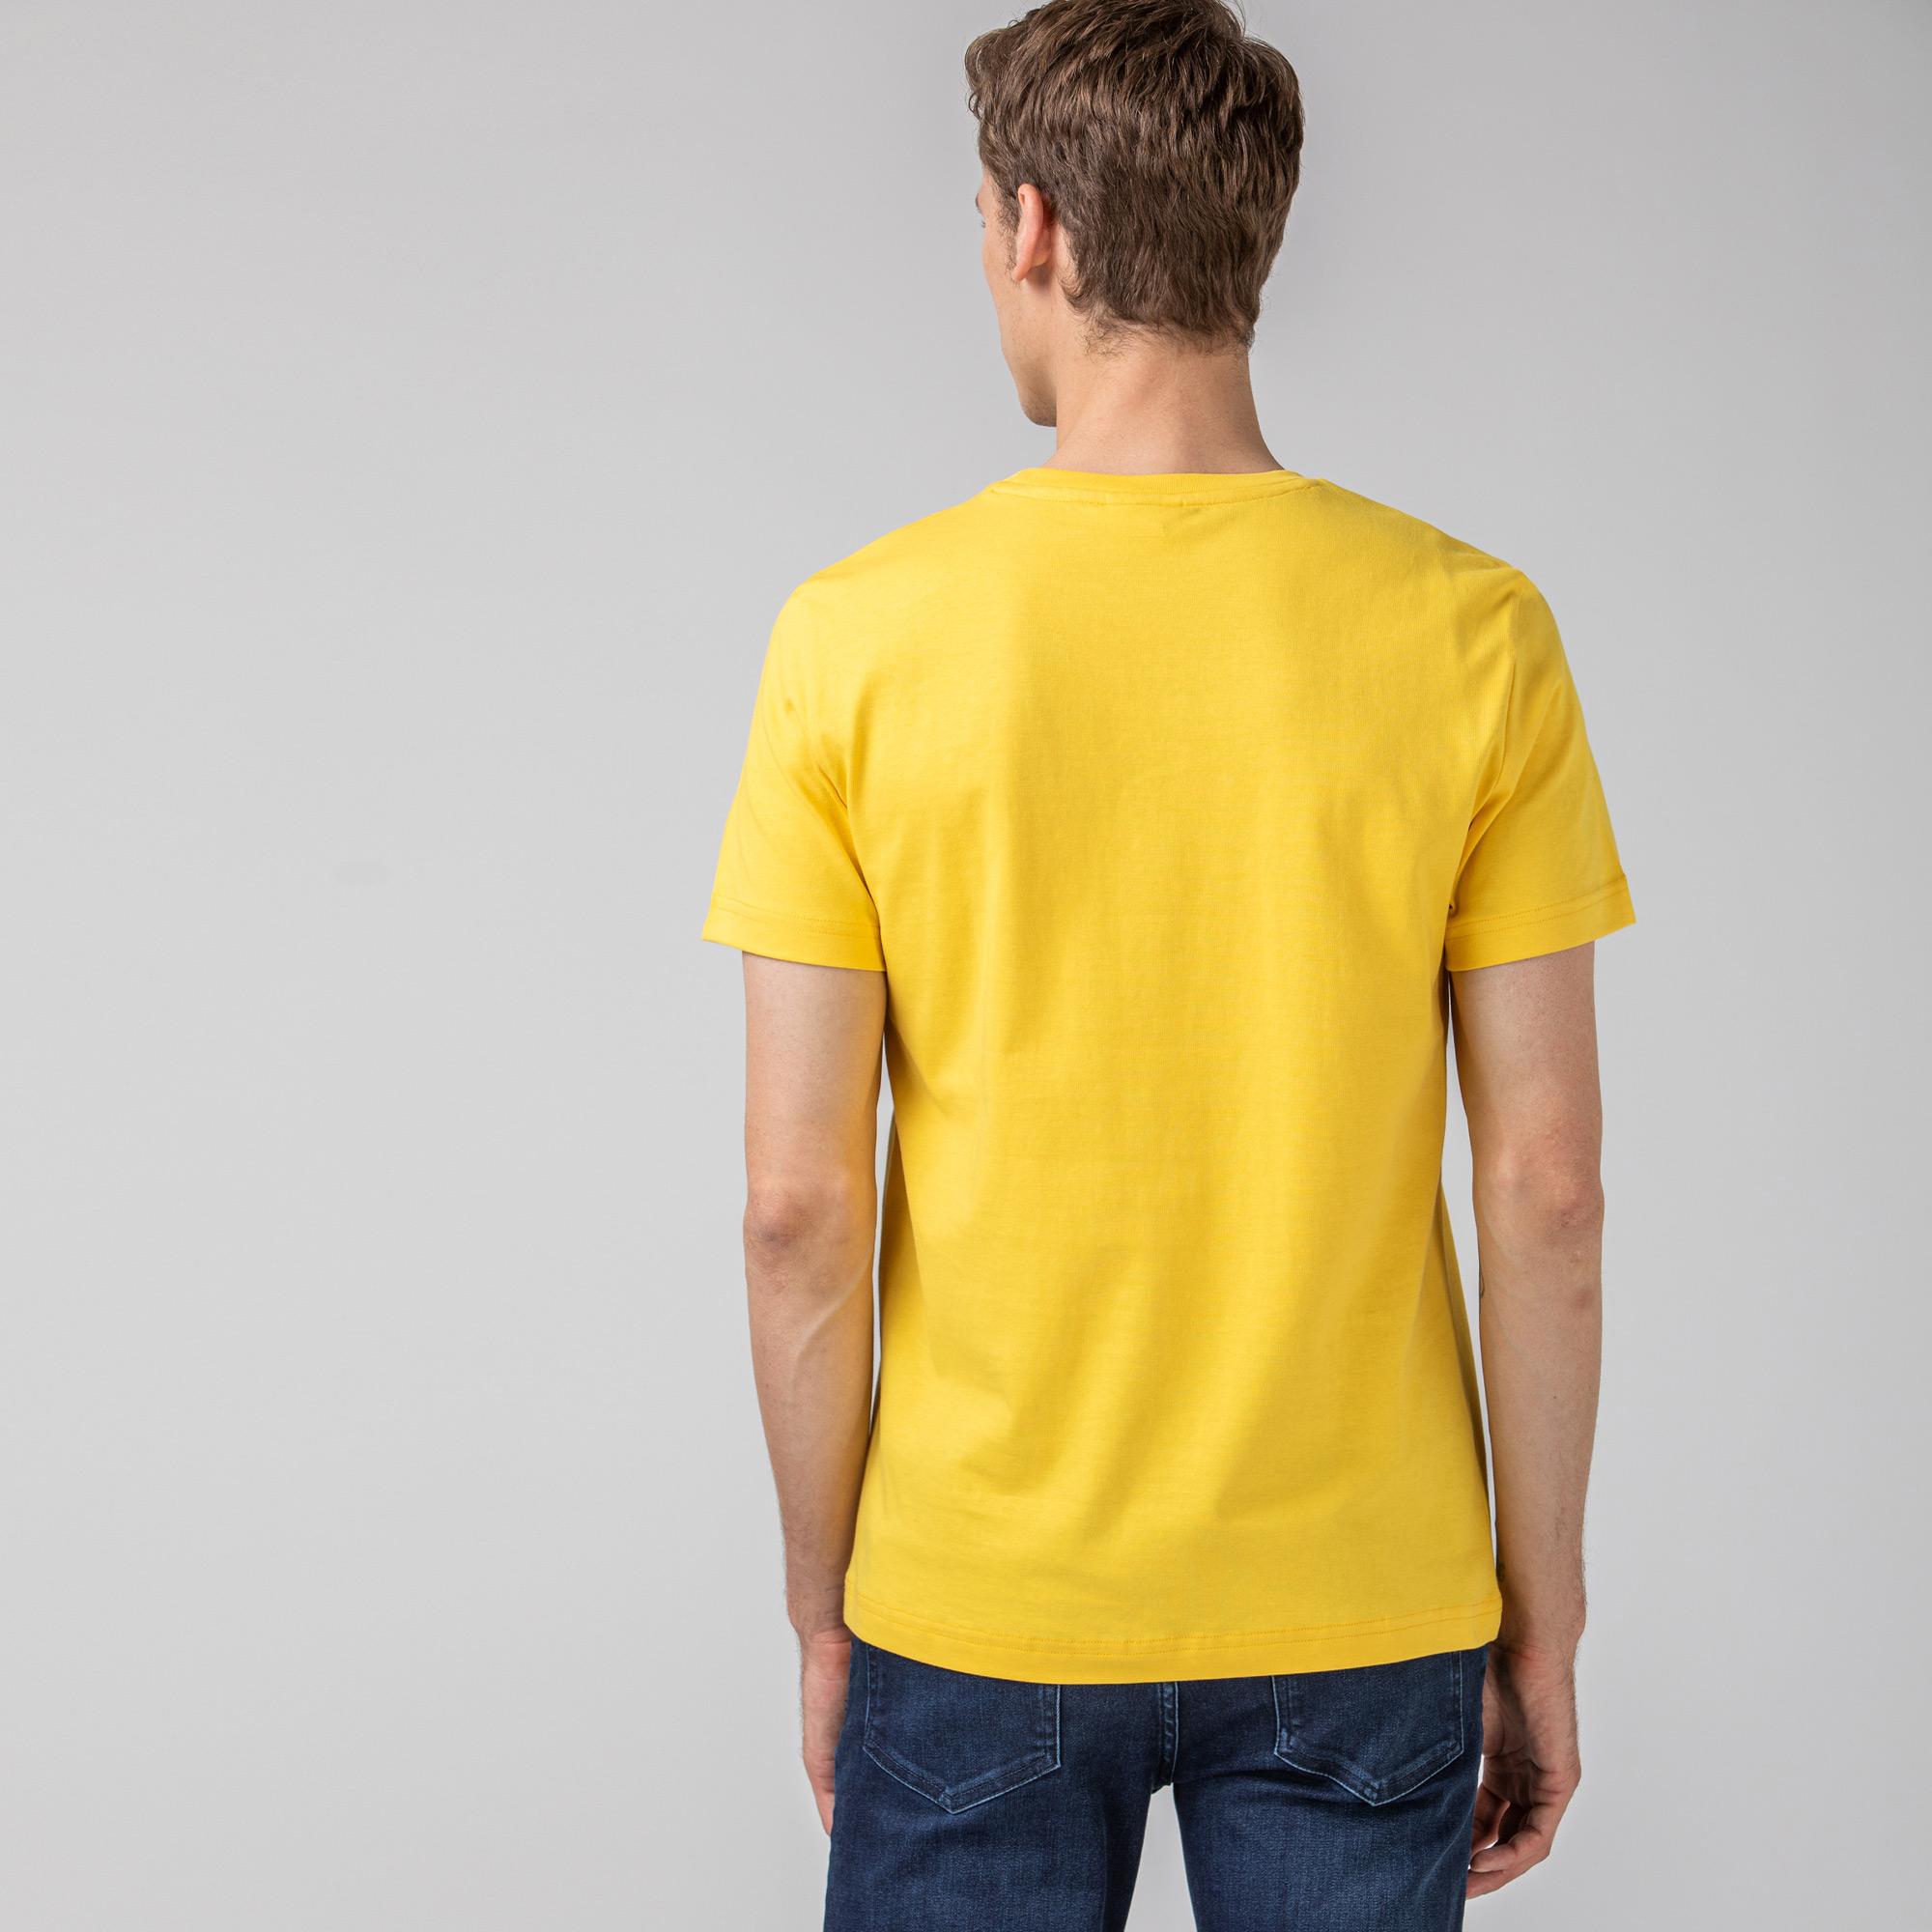 Lacoste L!VE Erkek Baskılı Bisiklet Yaka Kısa Kollu Sarı T-Shirt